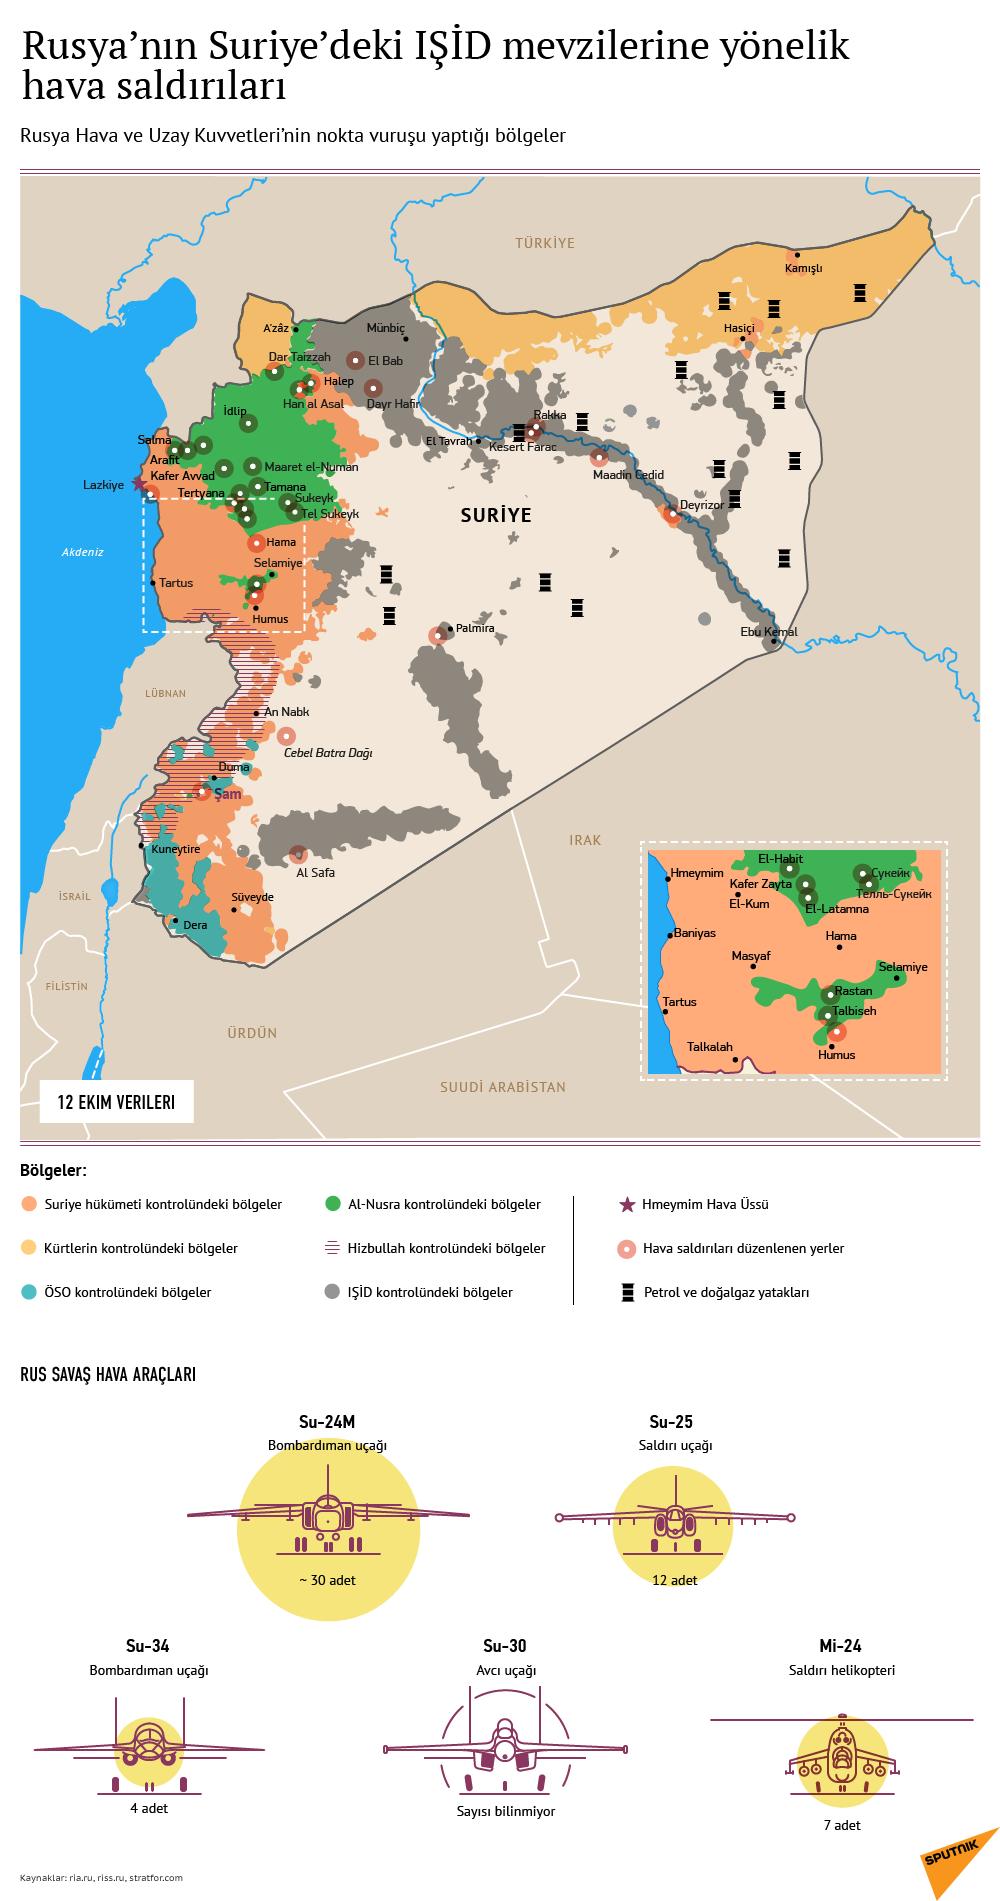 Rusya'nın Suriye'deki IŞİD mevzilerine yönelik hava saldırıları